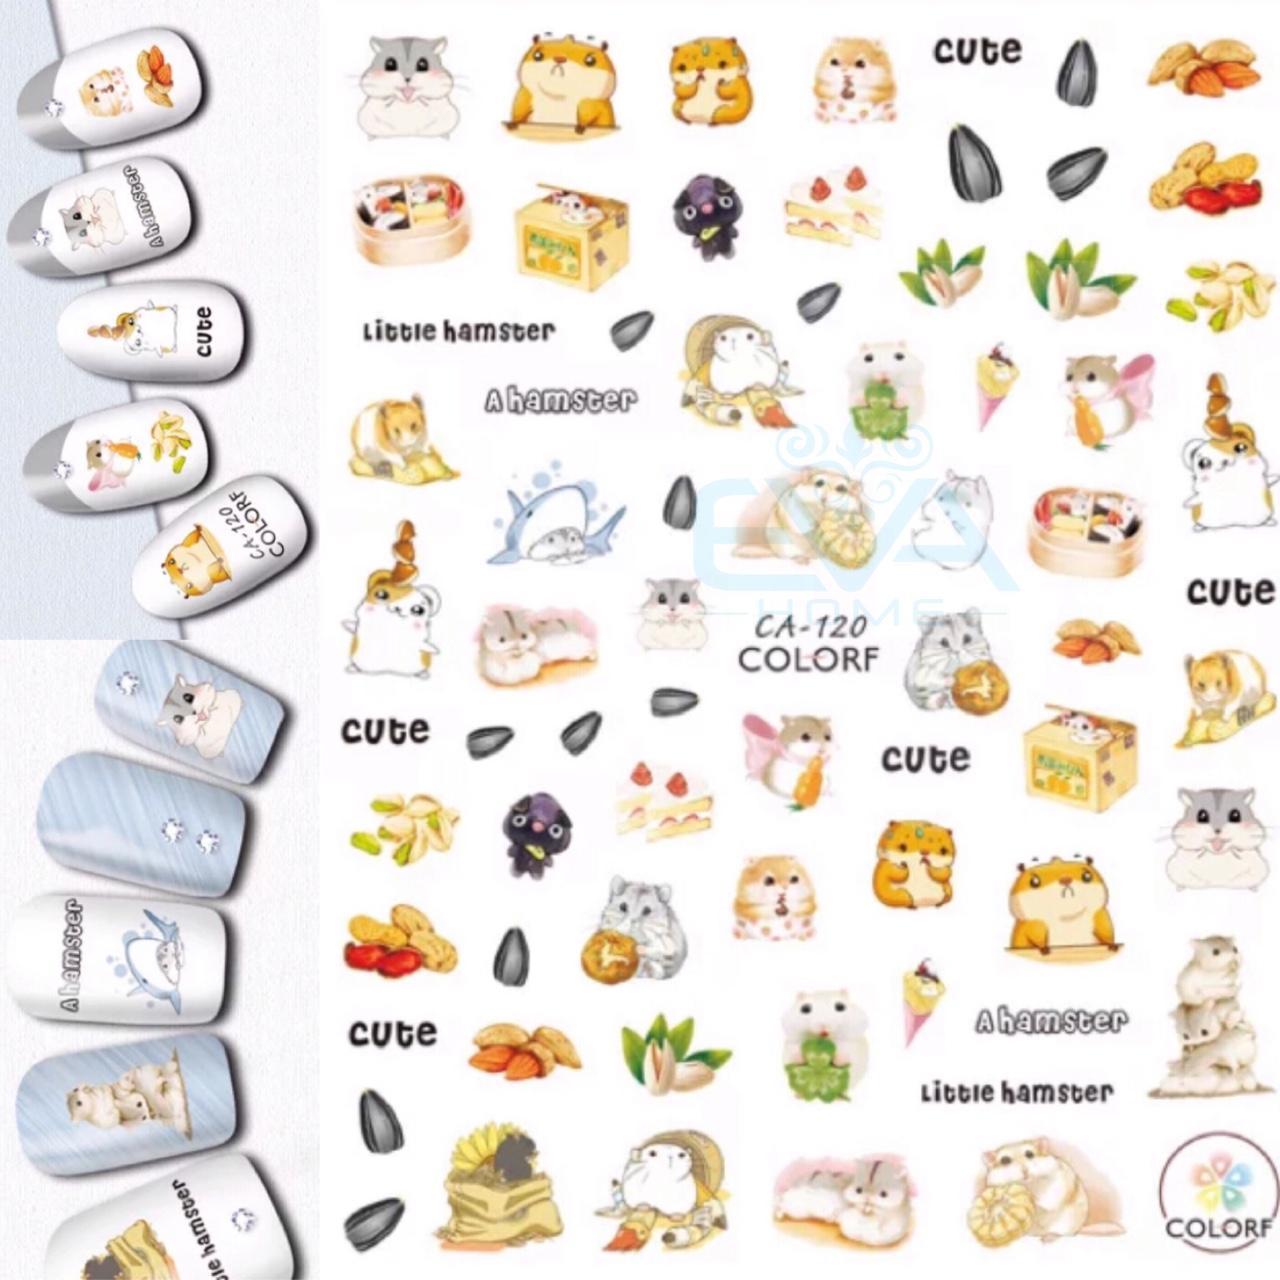 Miếng Dán Móng Tay 3D Nail Sticker Tráng Trí Hoạ Tiết Chuột hamster CA129 SP3-15 tốt nhất